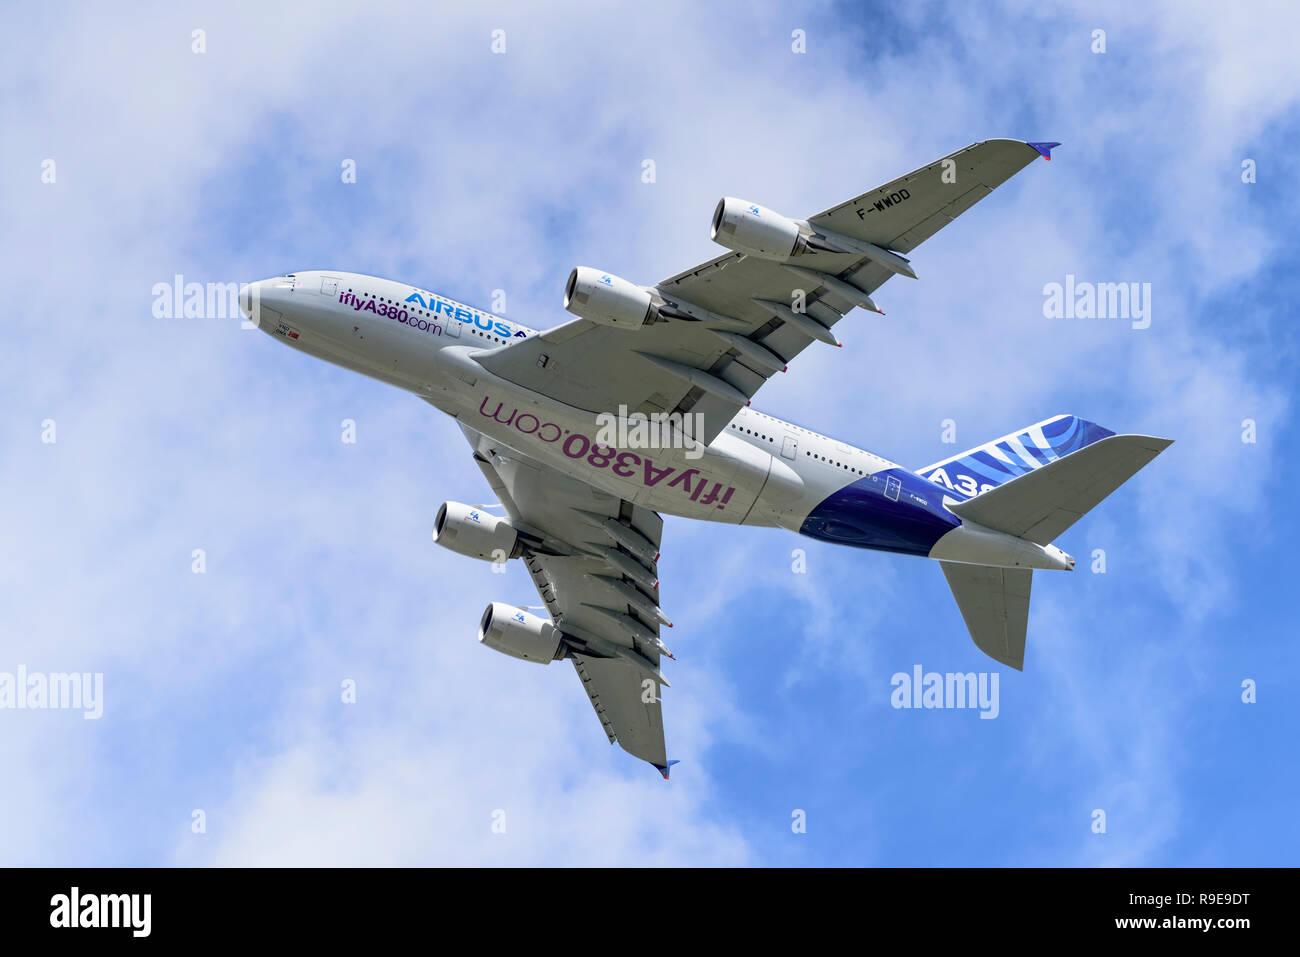 Avión de pasajeros Airbus A380 muestra su cara inferior y superficies de control de vuelo durante un limpio pase de derecha a izquierda. Foto de stock